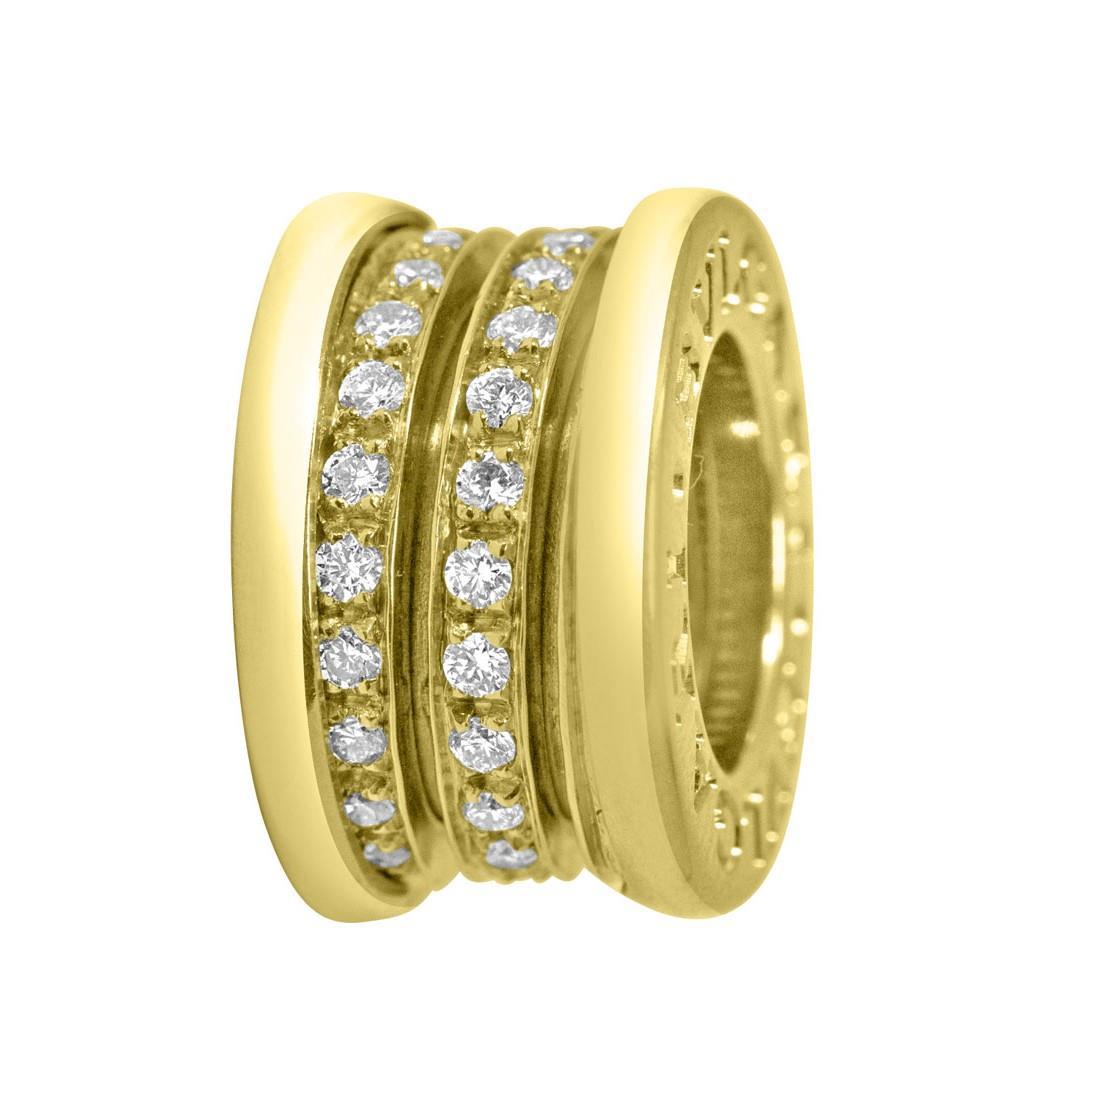 Pendente in oro giallo con diamanti ct 0.09, dimensione 1cm - BULGARI